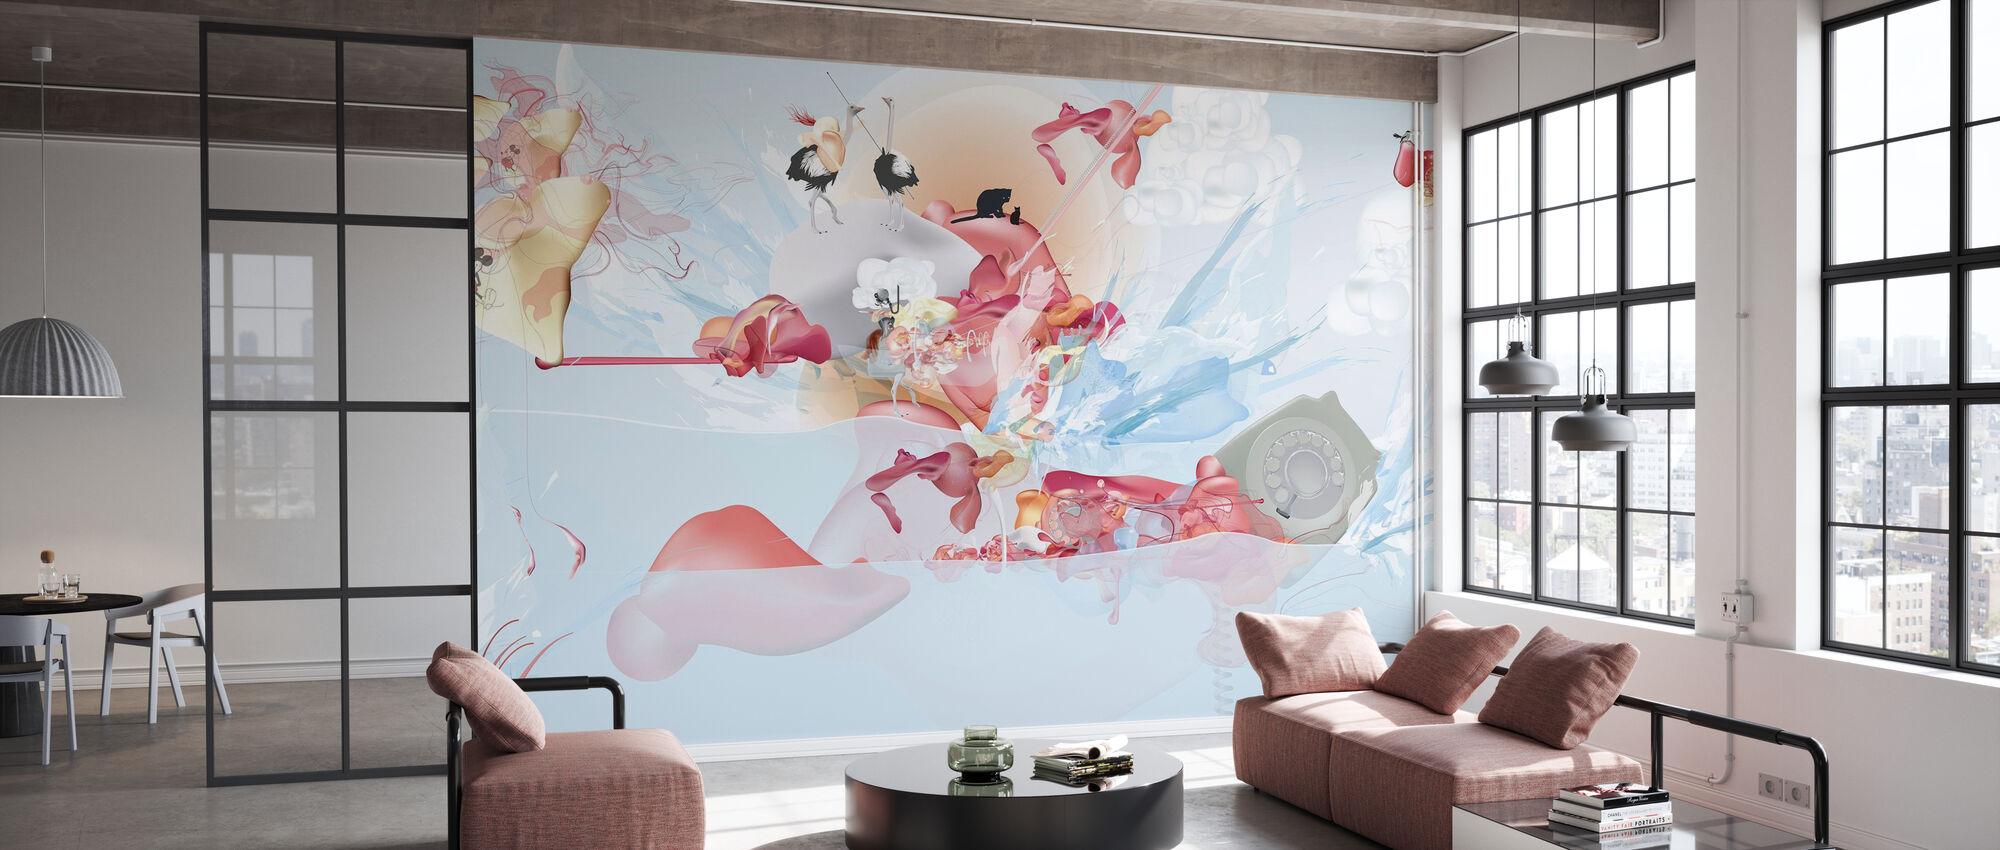 Landscape - Wallpaper - Office